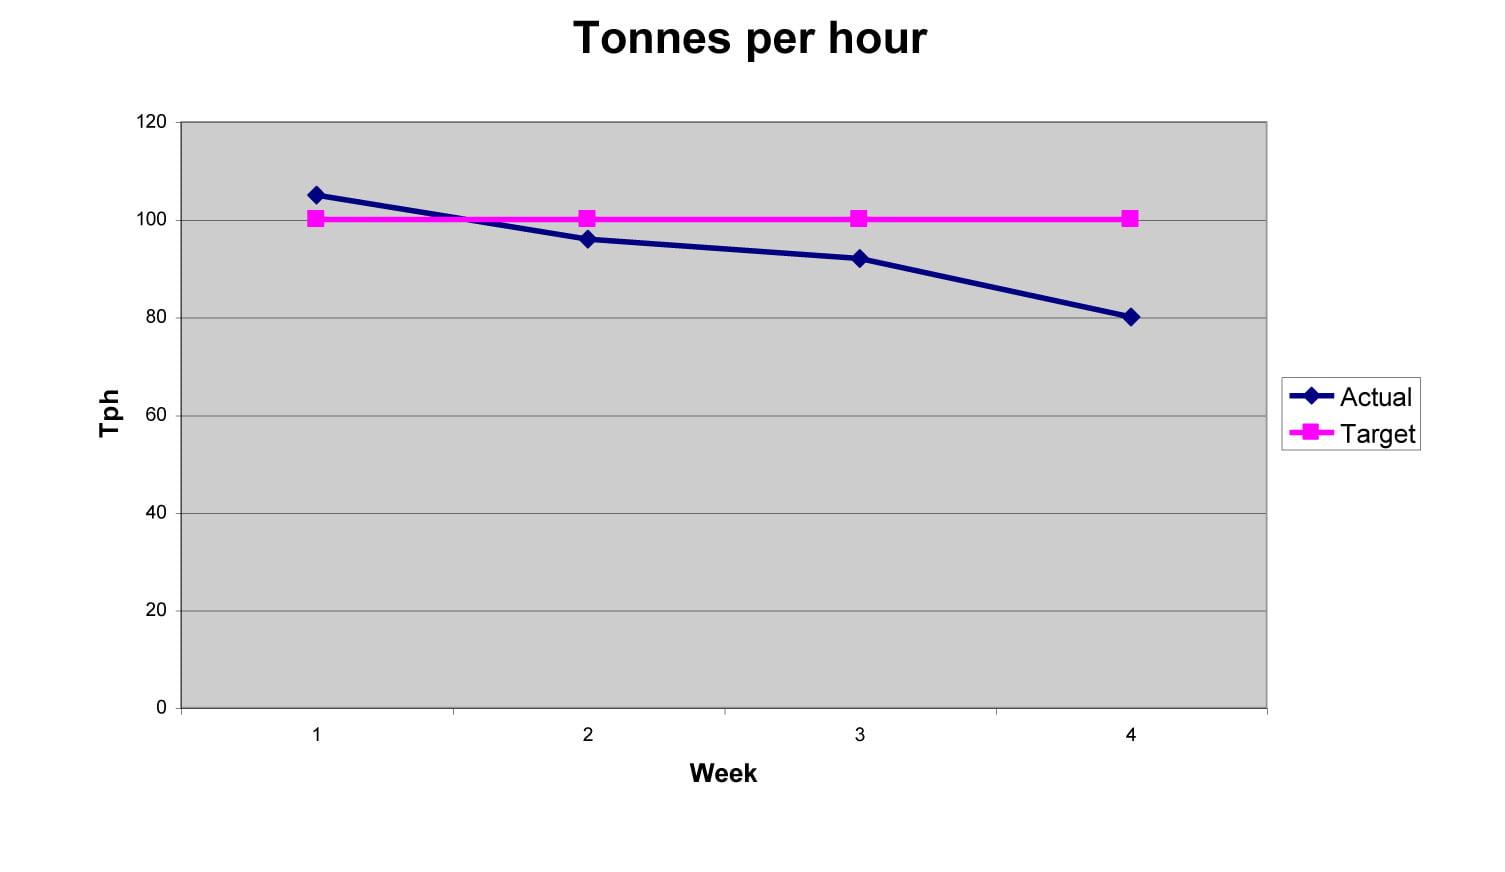 Tonnes per hour graph 1